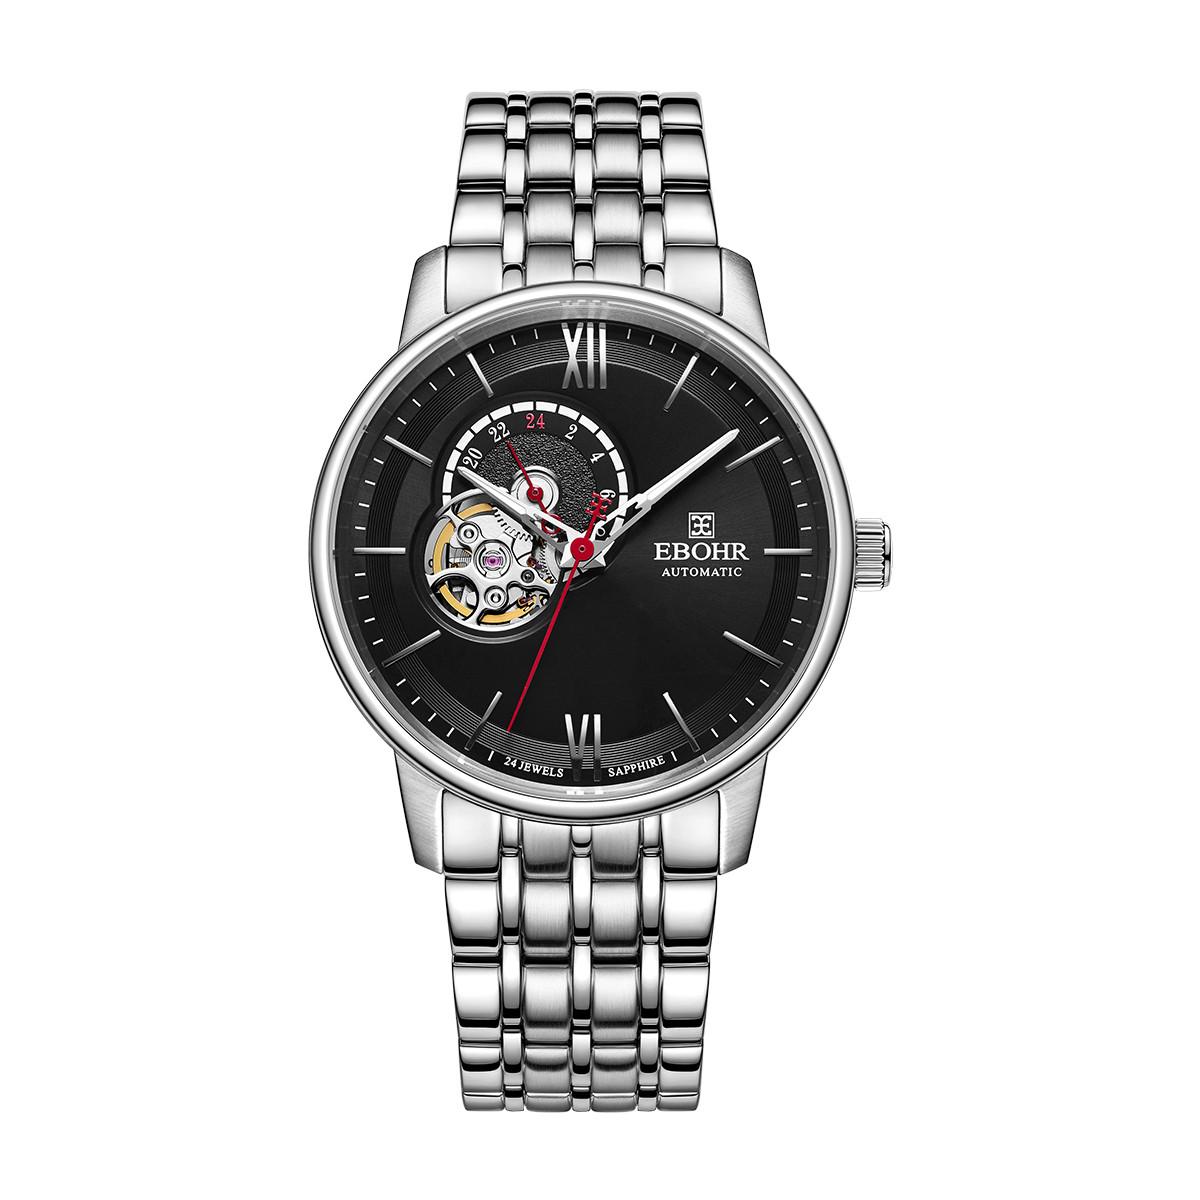 依波依波新品时尚个性镂空钢带男士手表防水进口机械男表56510119